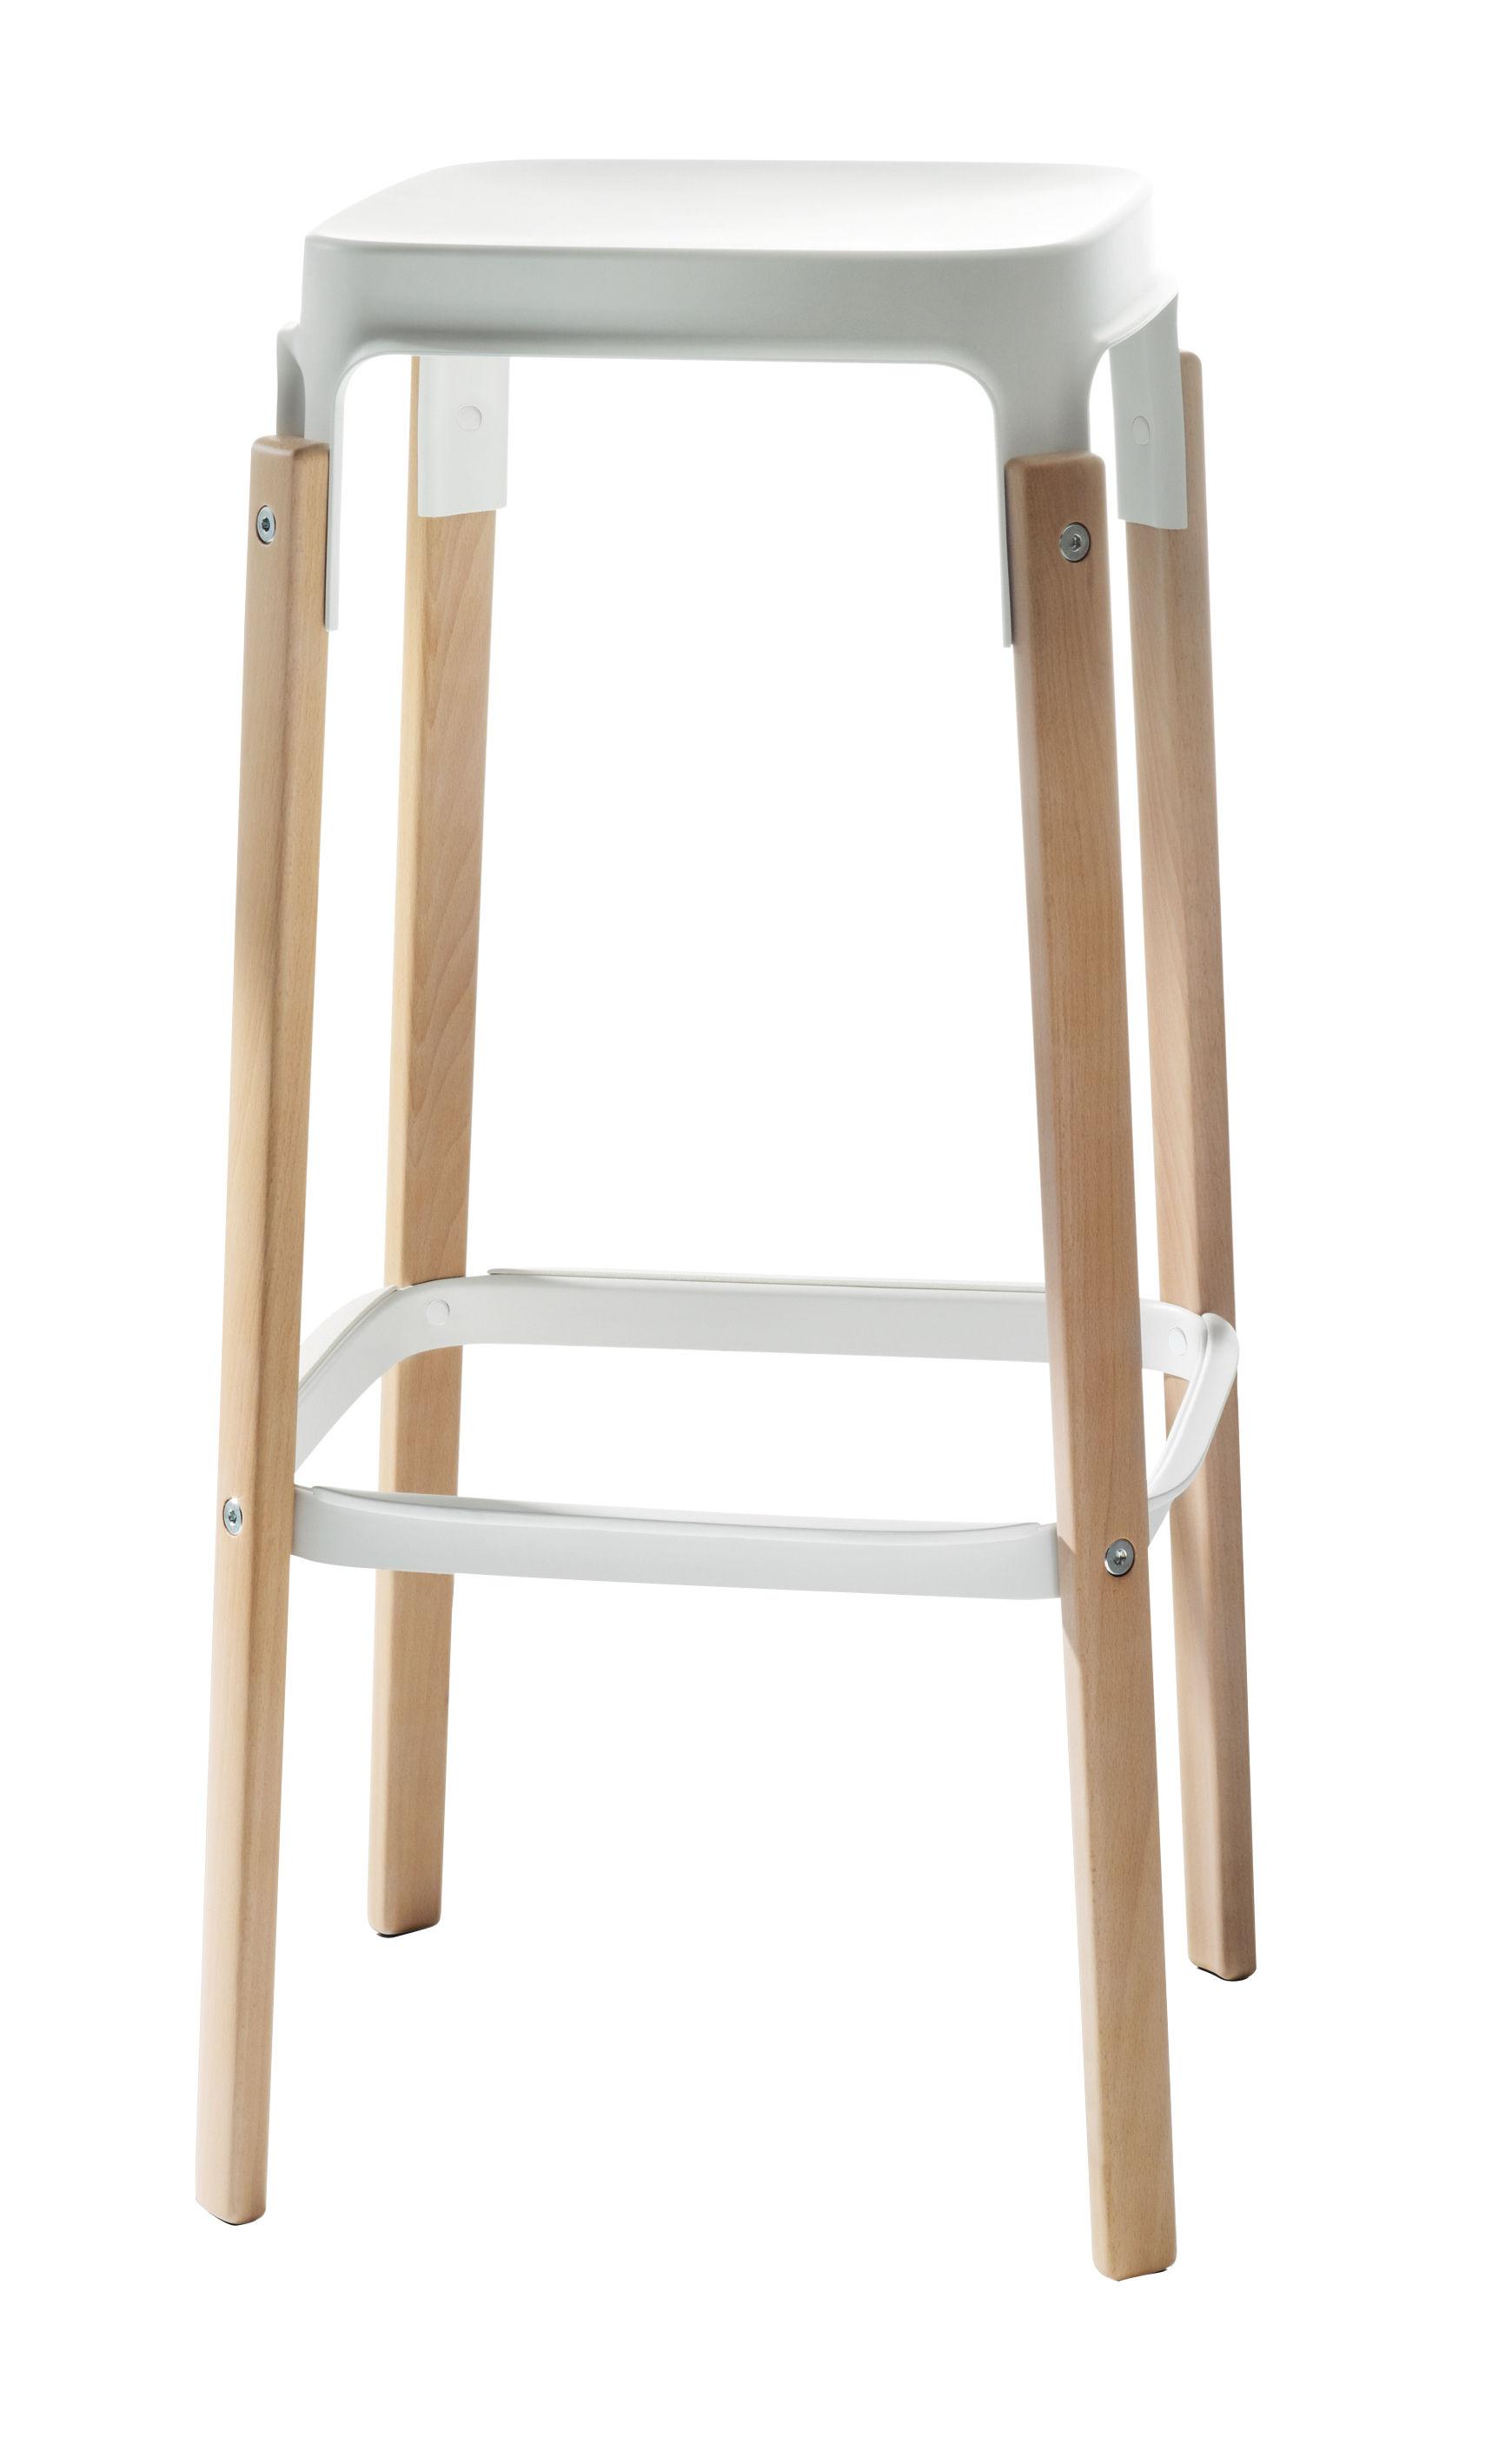 Mobilier - Tabourets de bar - Tabouret de bar Steelwood / Bois & métal - H 78 cm - Magis - Blanc / Hêtre - Acier verni, Hêtre